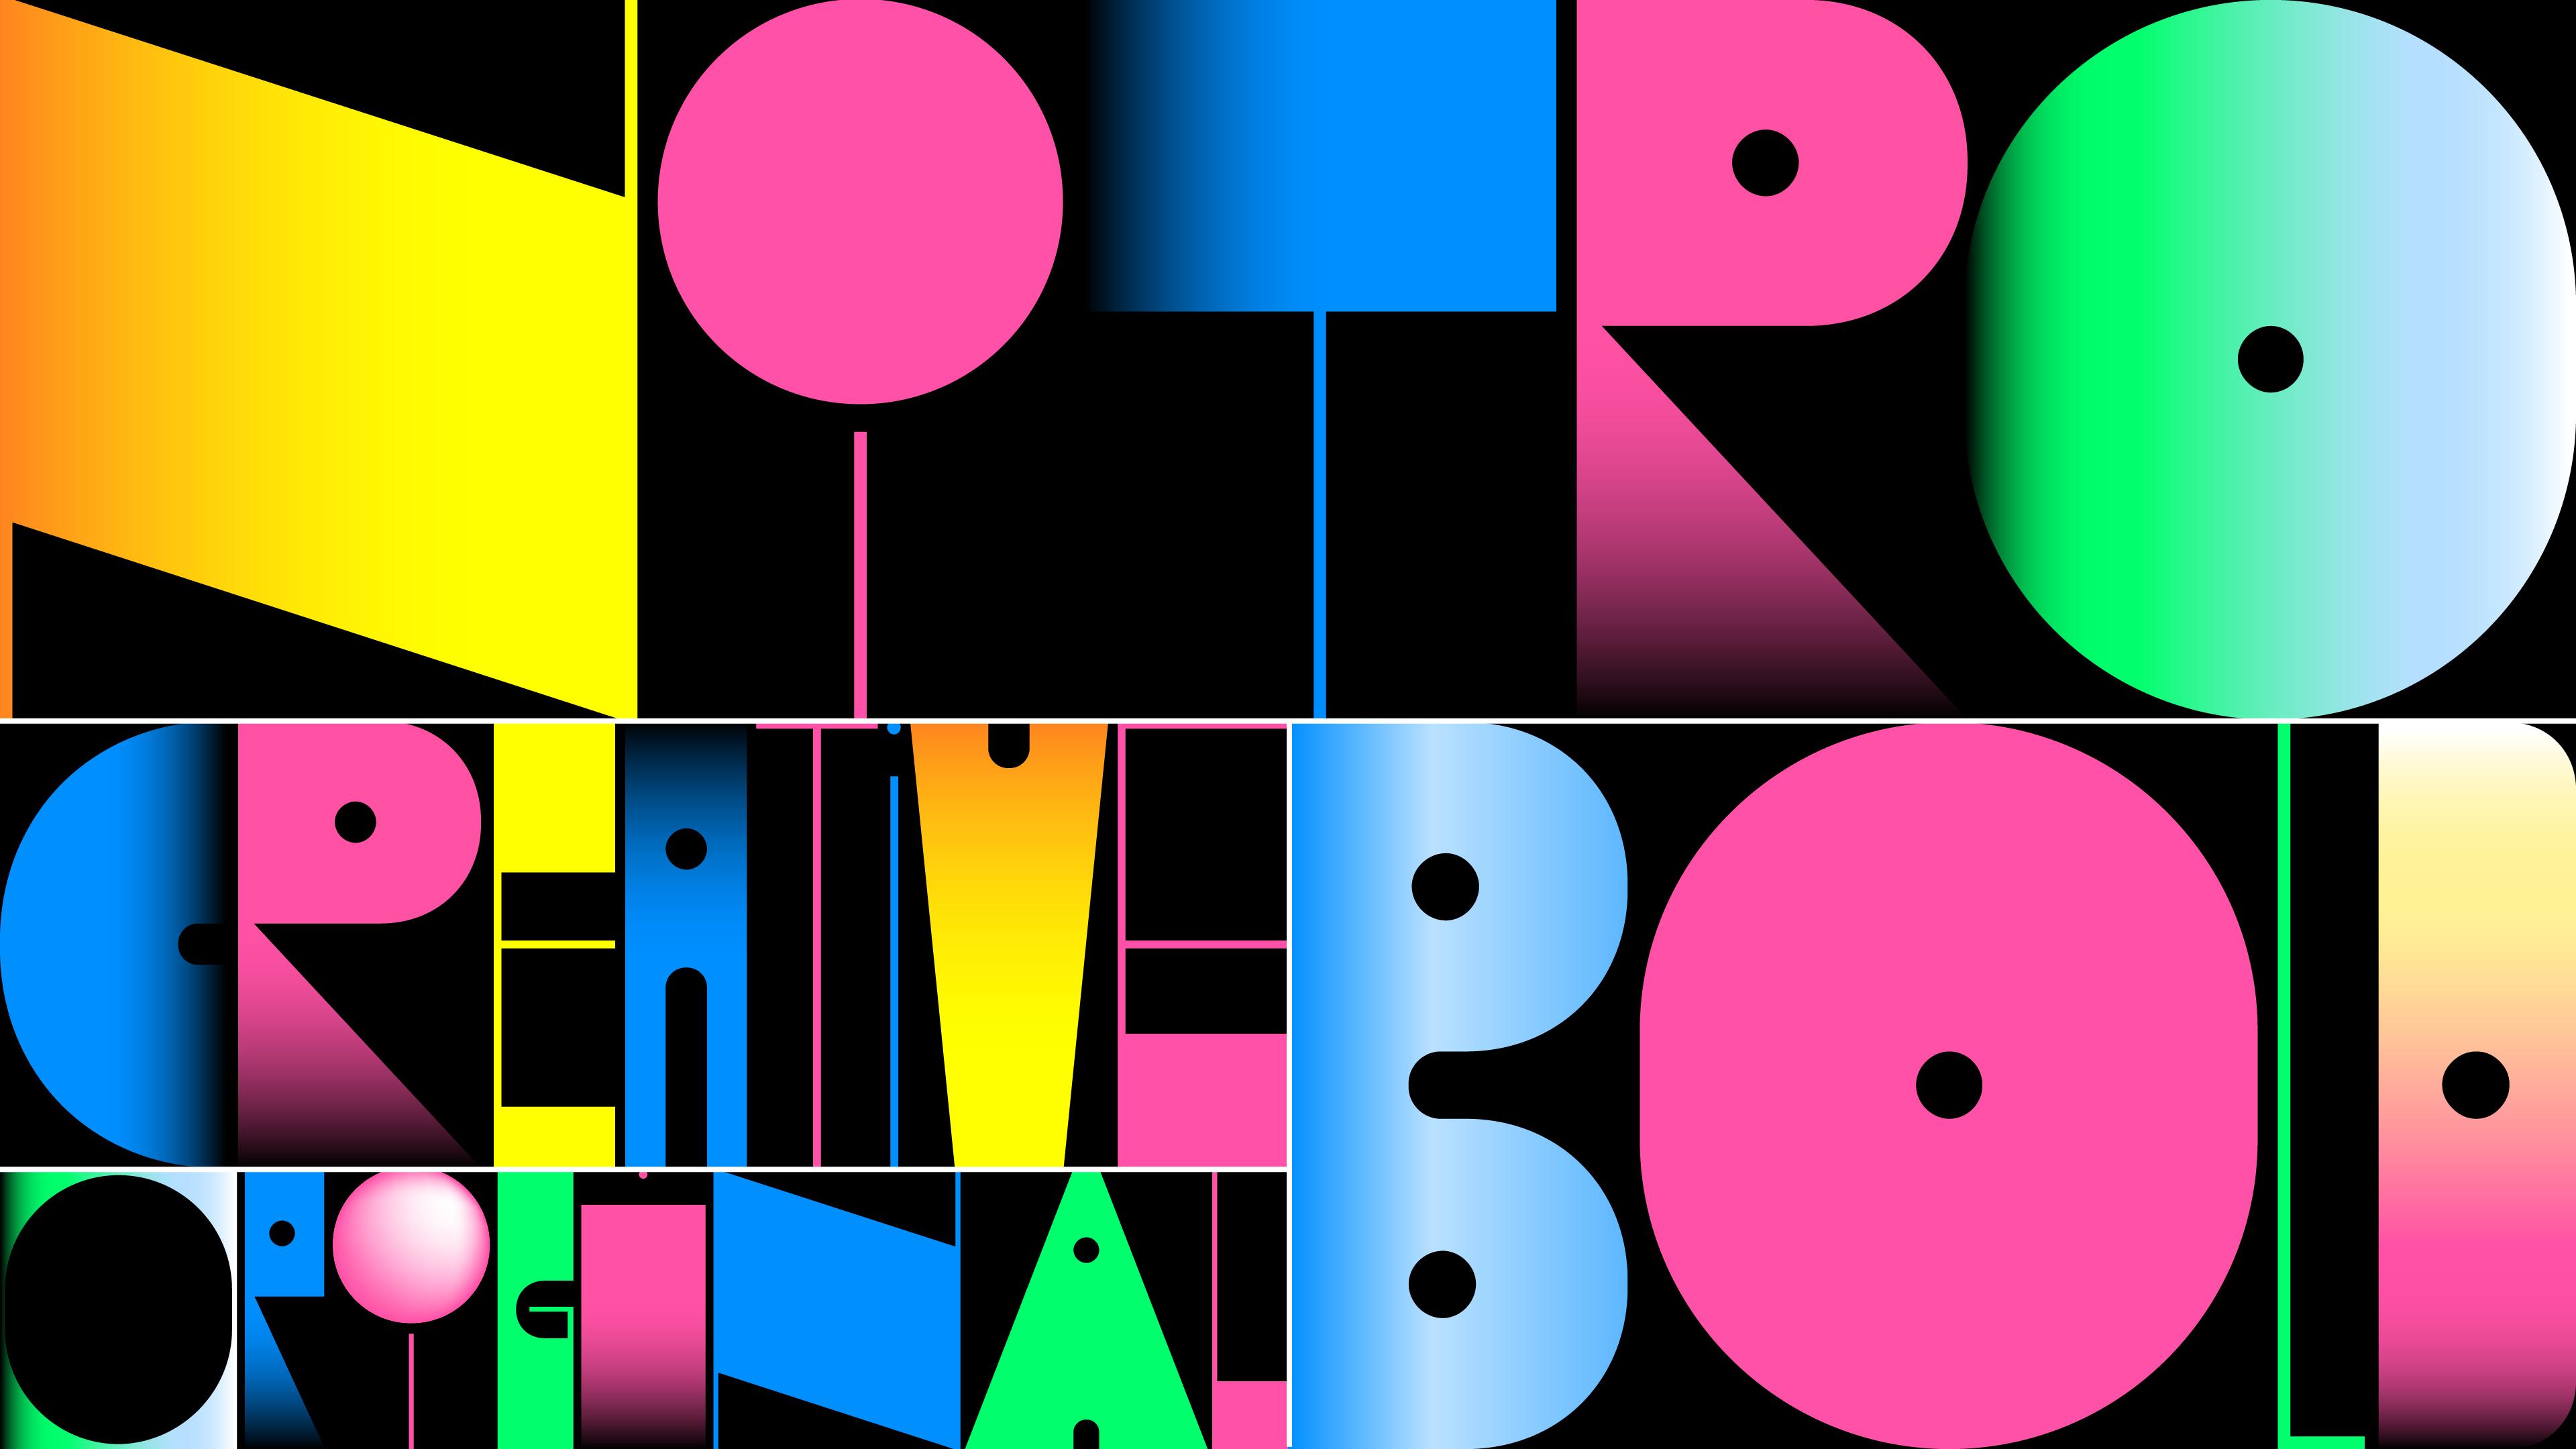 Nitro font specimen designed for Celtra.